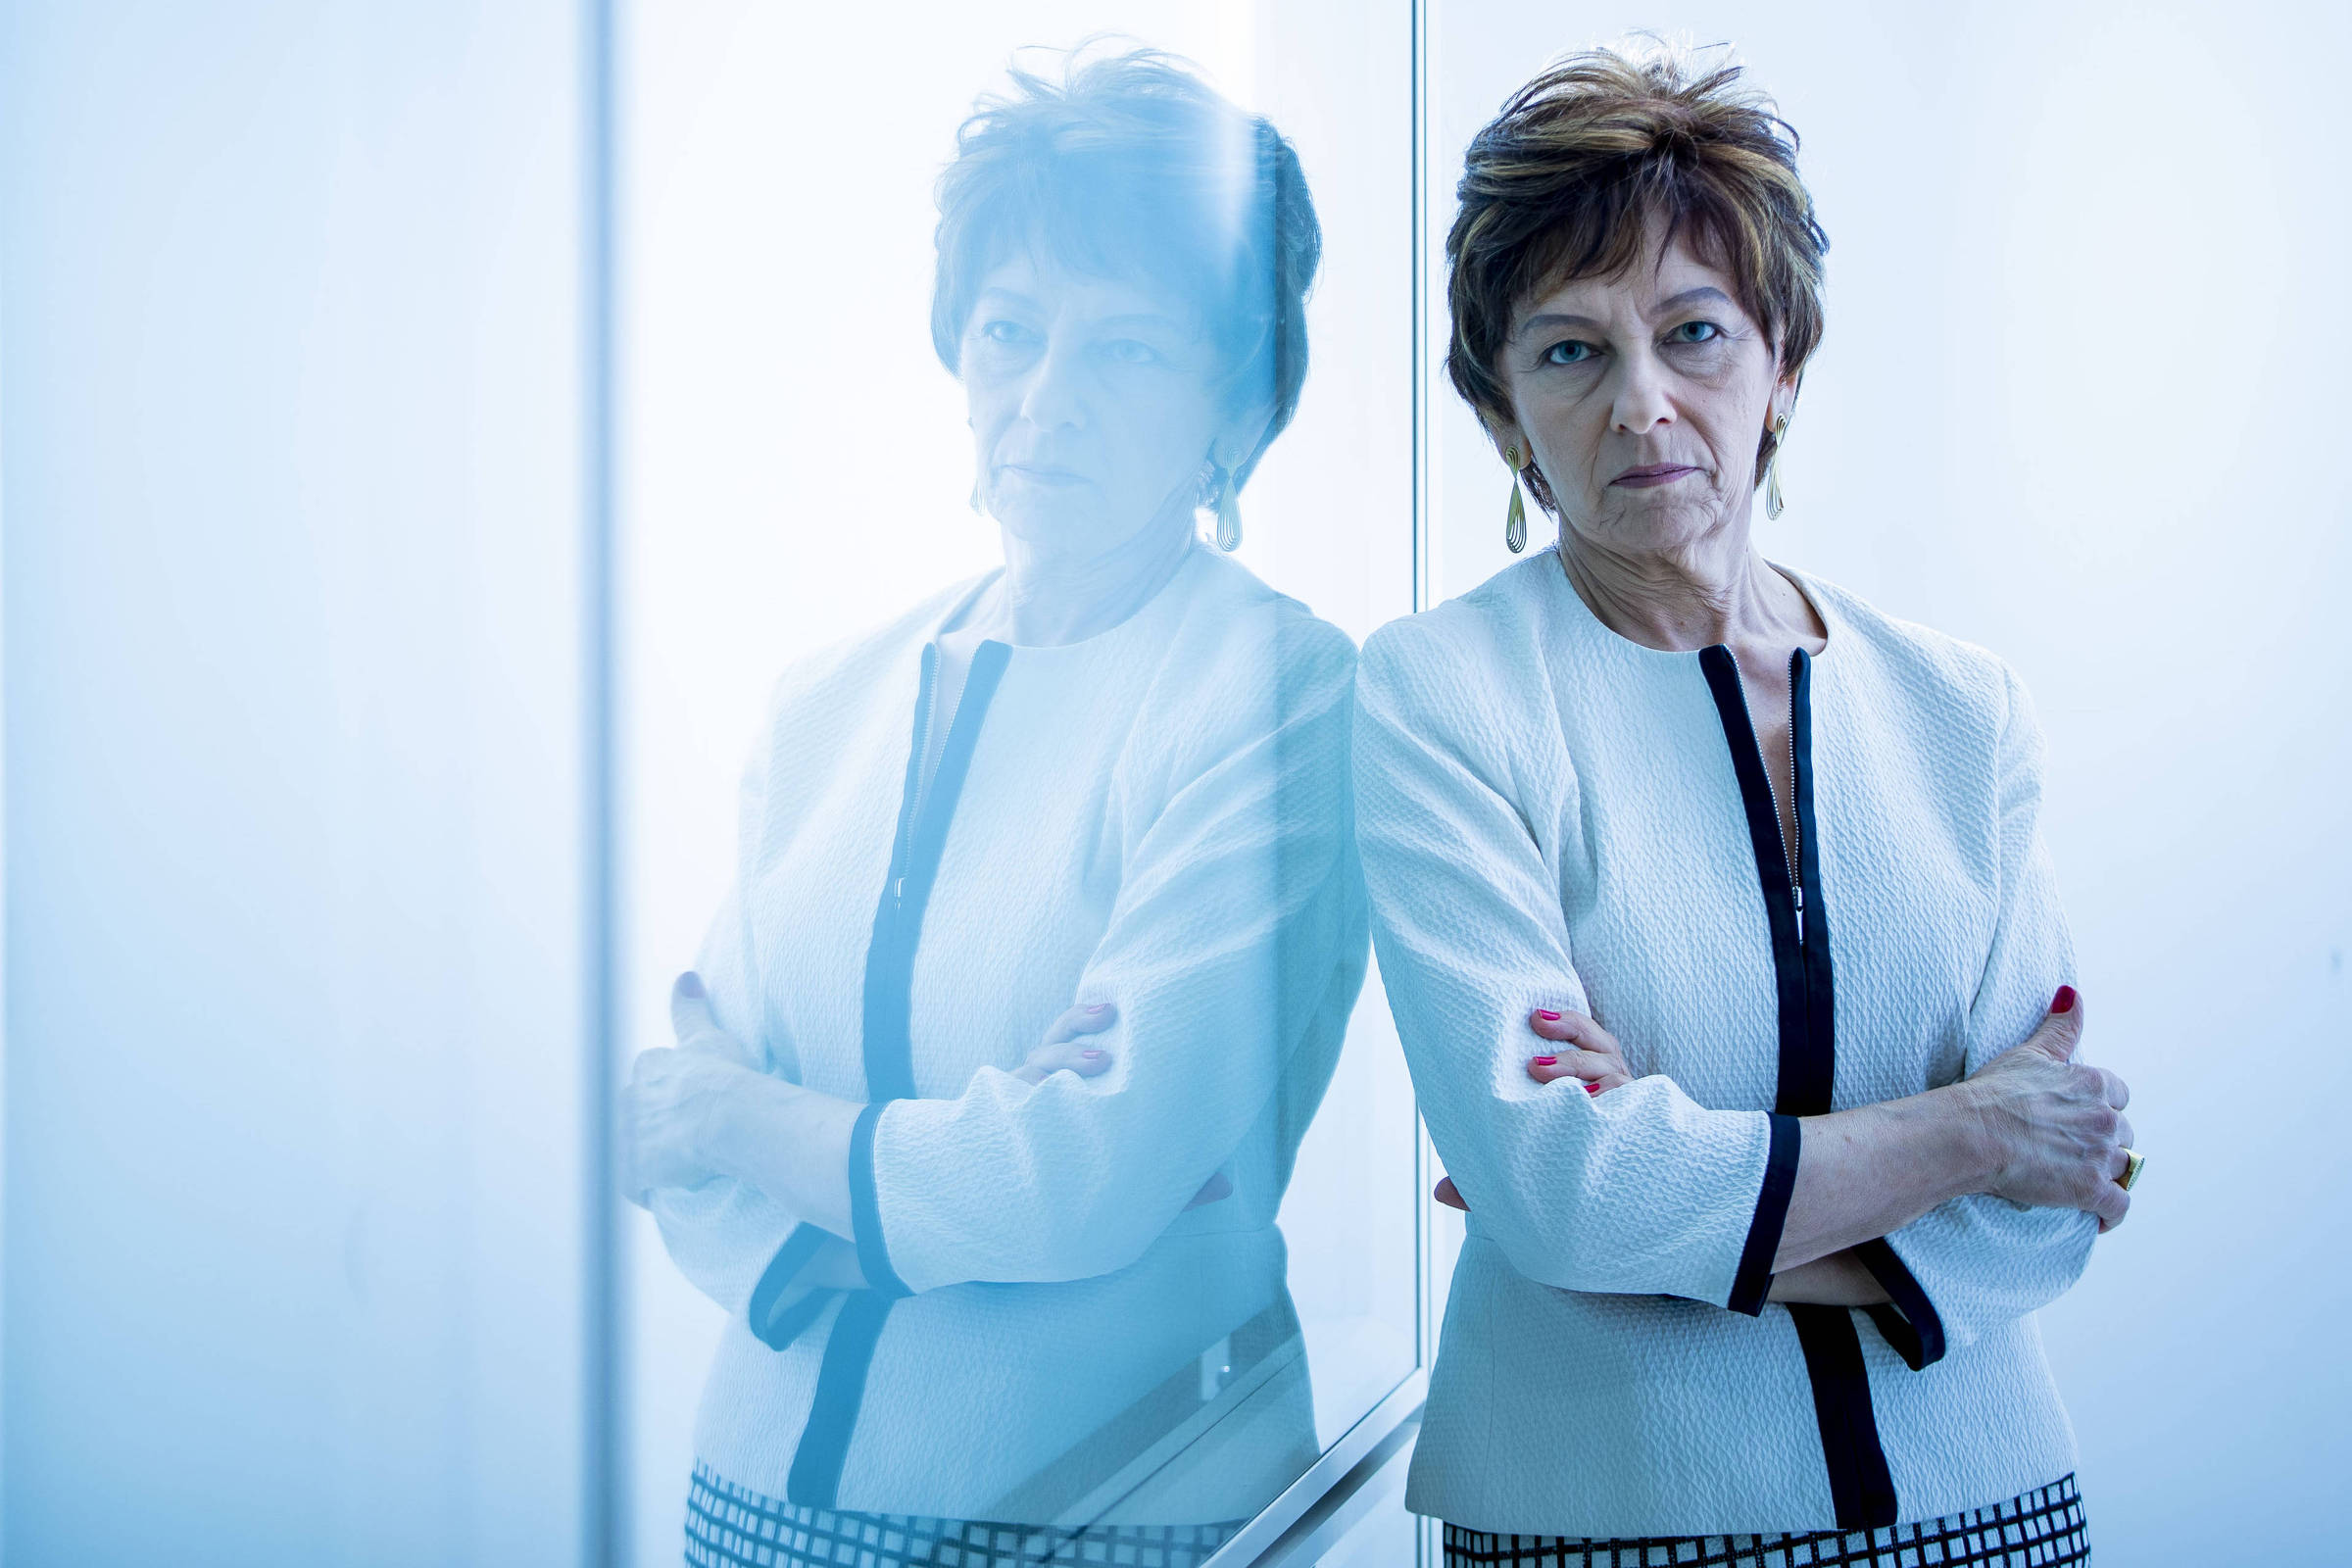 A economista Maria Cristina Pinotti, organizadora do livro